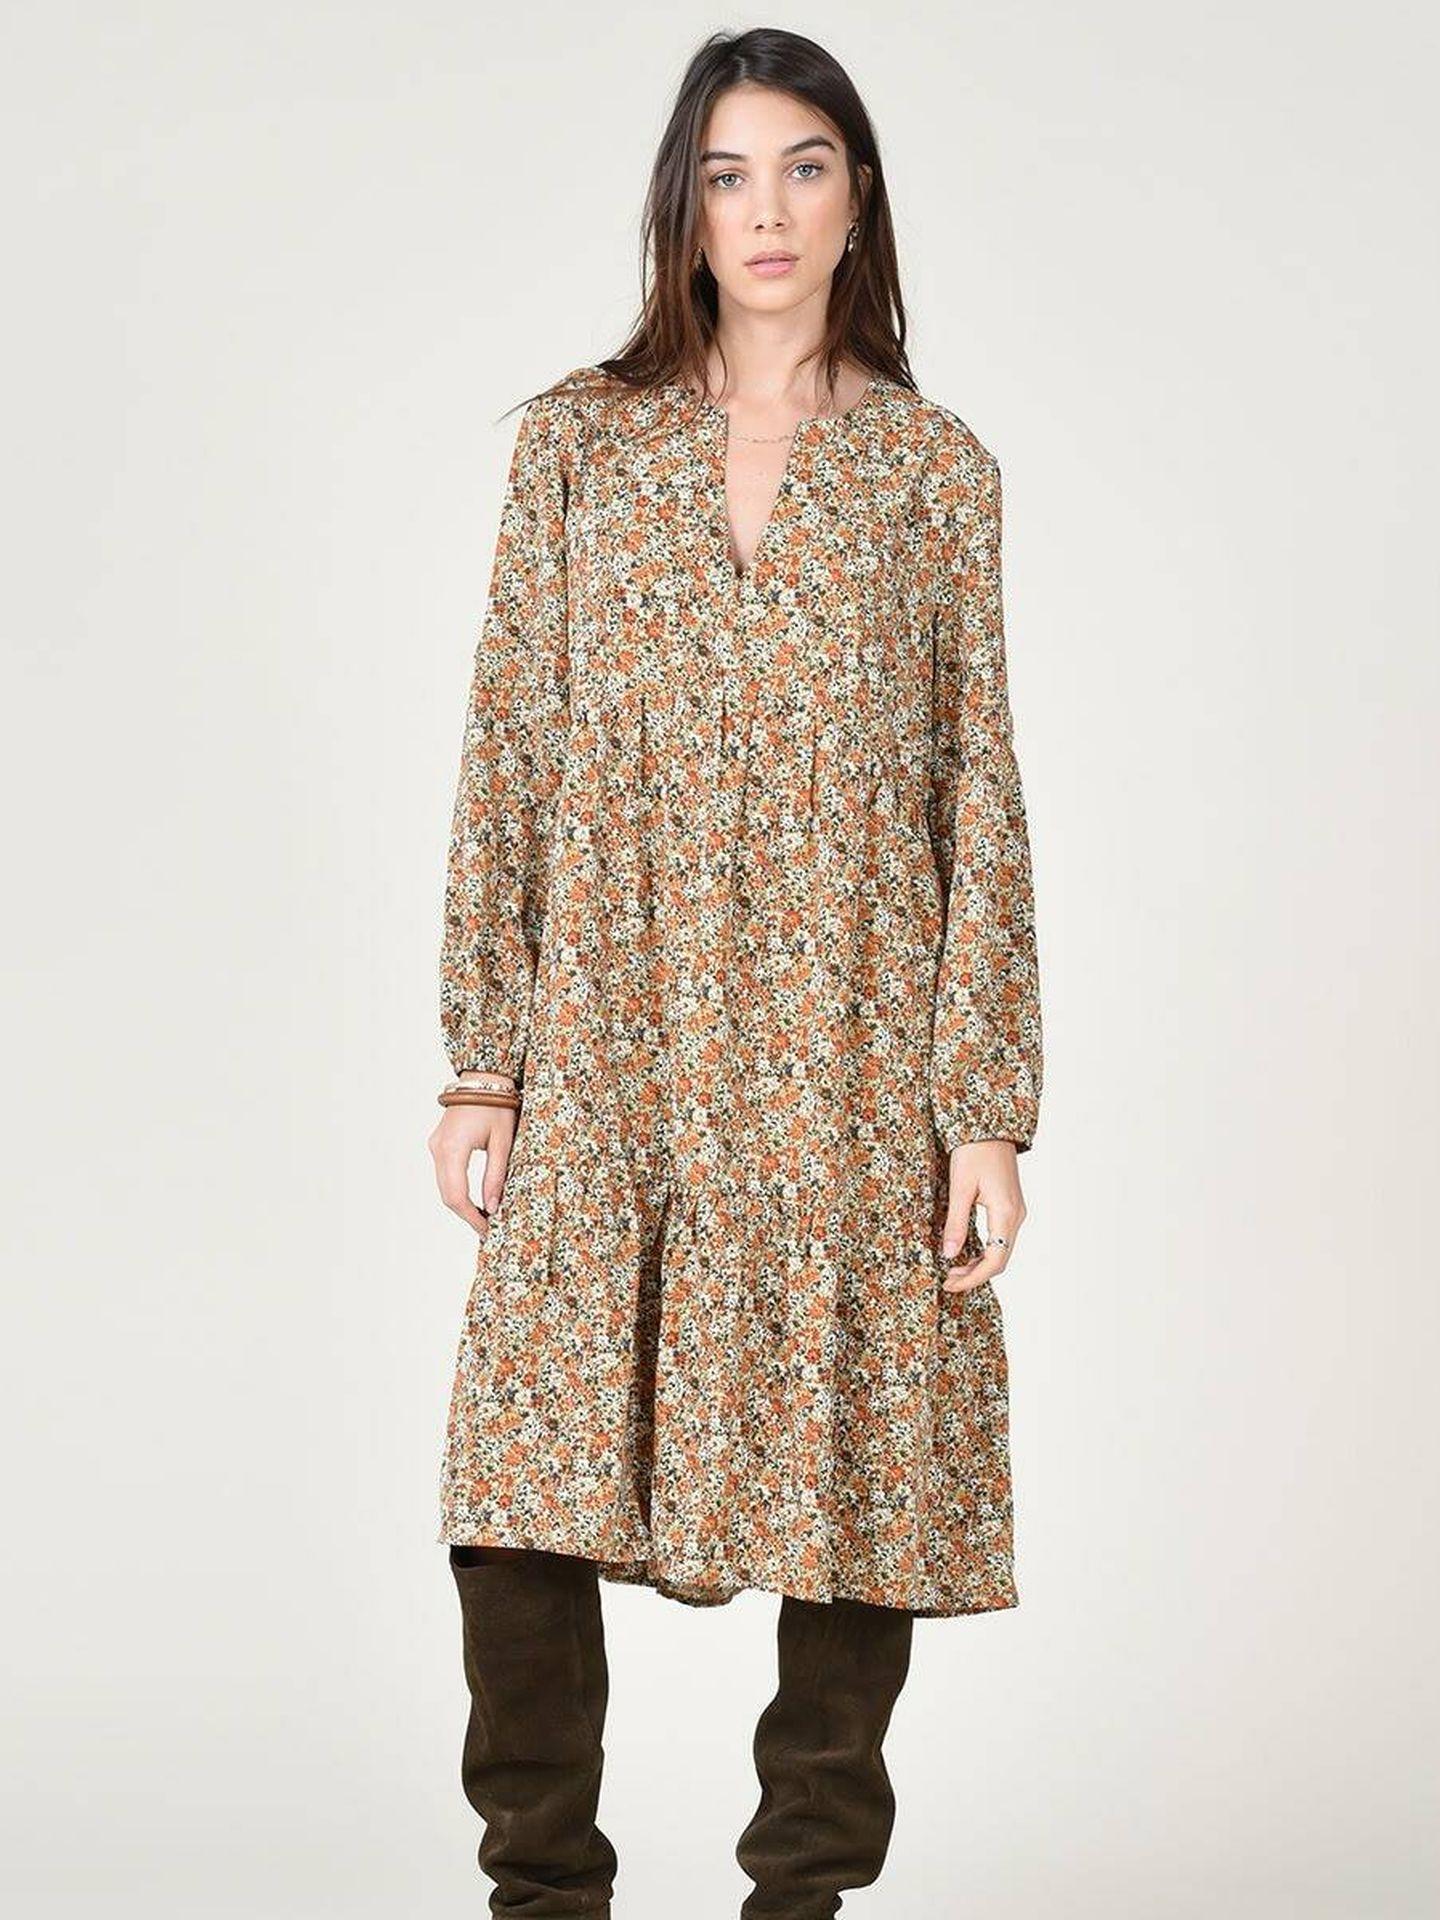 Vestido Molly Bracken a la venta en El Corte Inglés. (Cortesía)